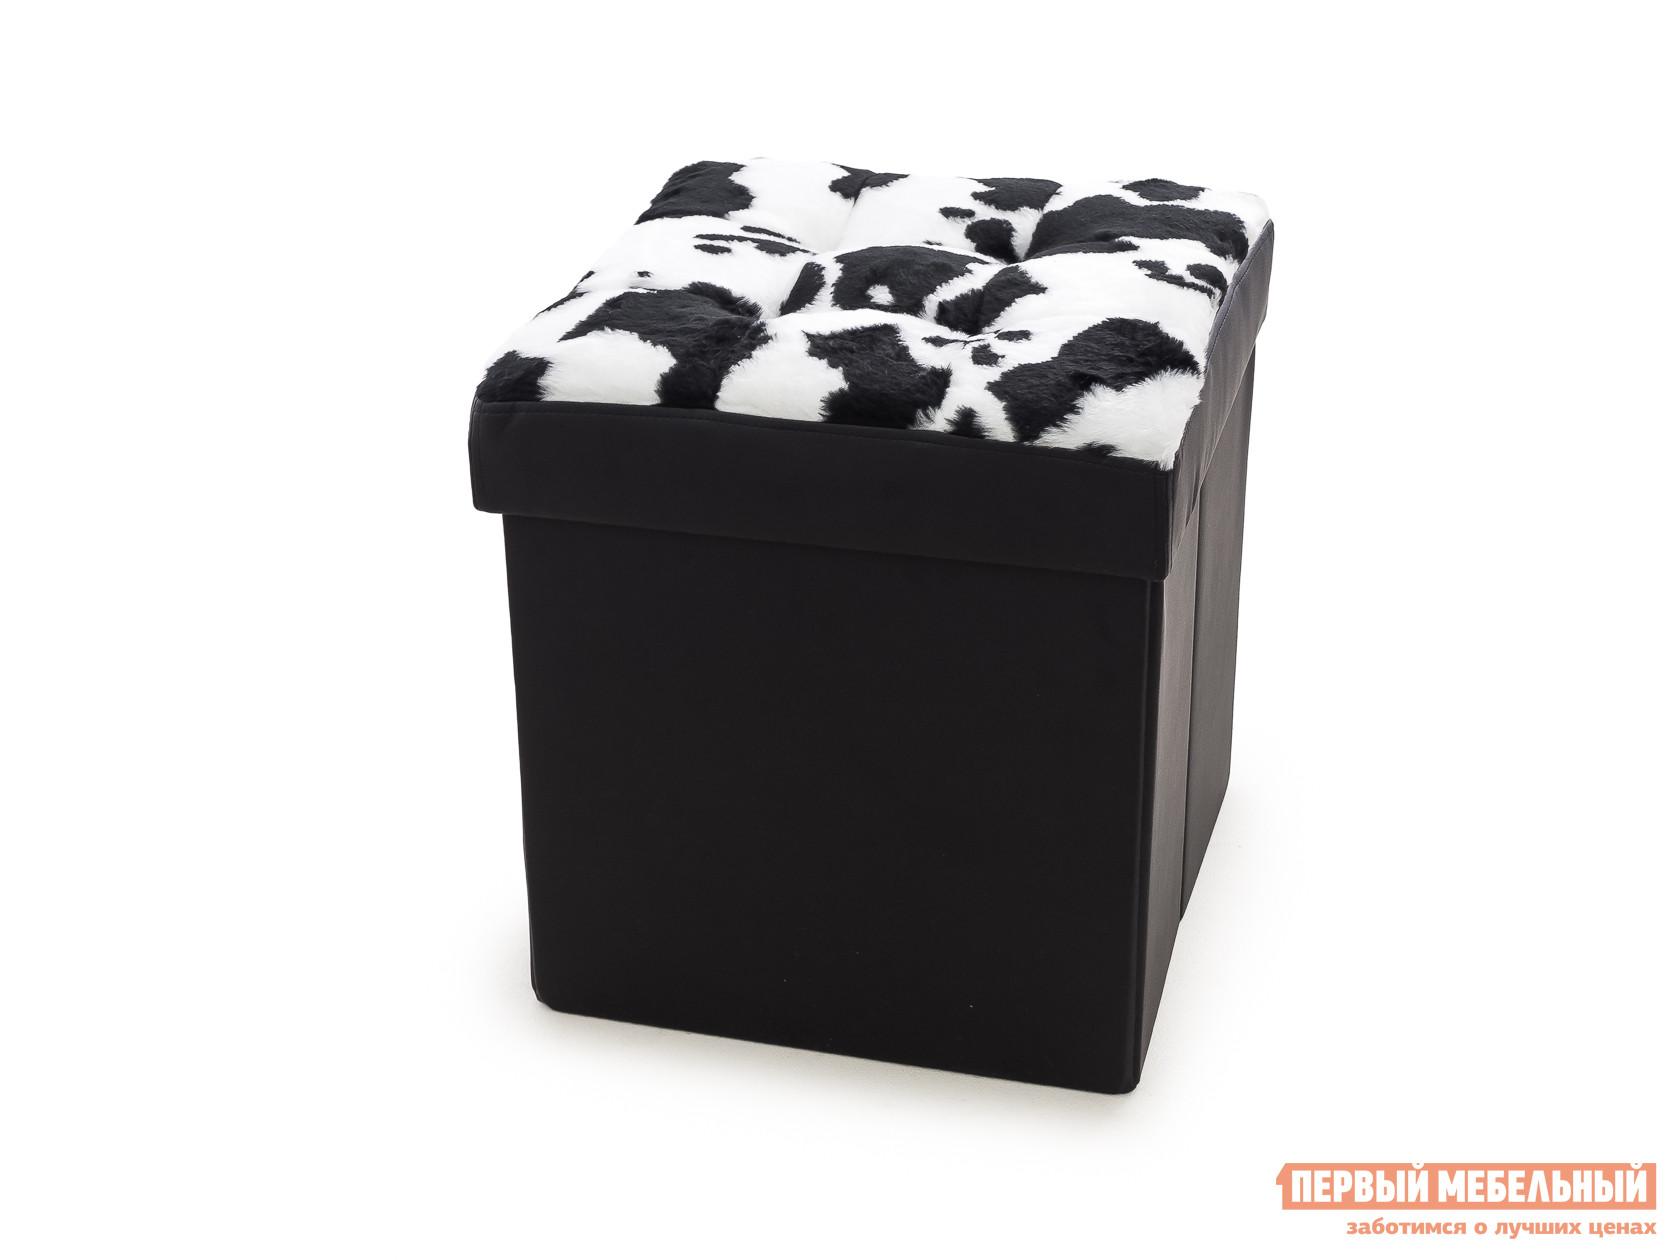 Пуф с ящиком для хранения DreamBag Пуфик складной Корова